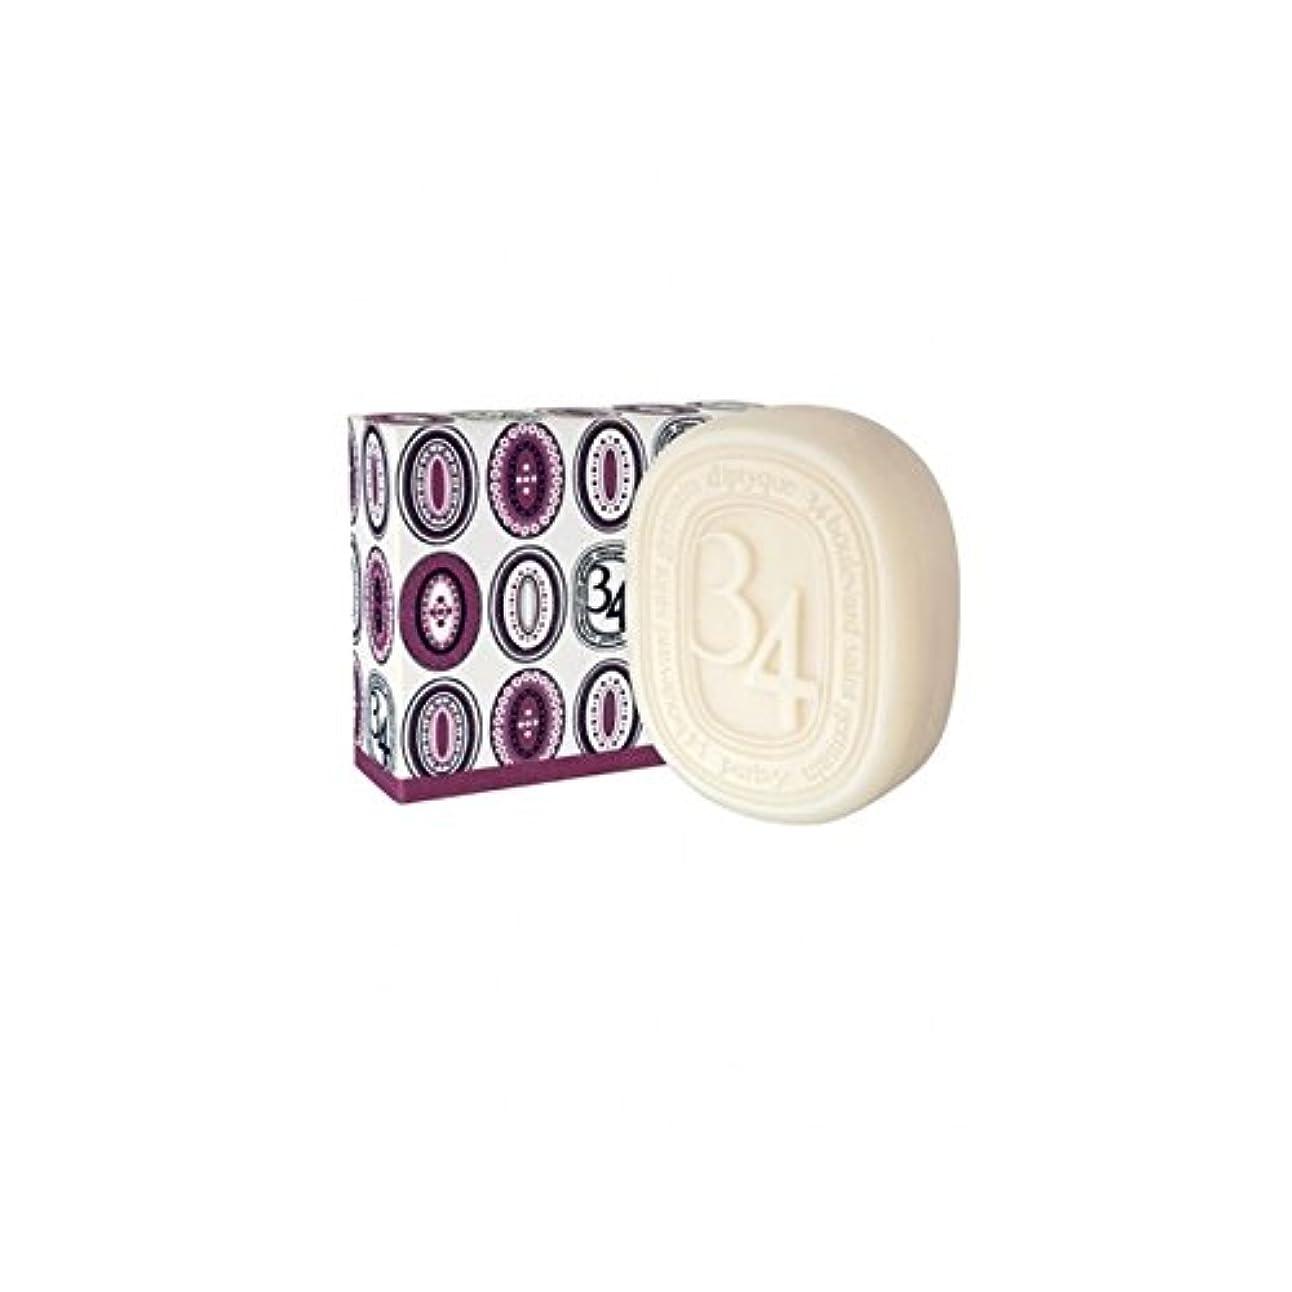 スロープコカイン宿泊Diptyqueコレクション34大通りサンジェルマン石鹸100グラム - Diptyque Collection 34 Boulevard Saint Germain Soap 100g (Diptyque) [並行輸入品]